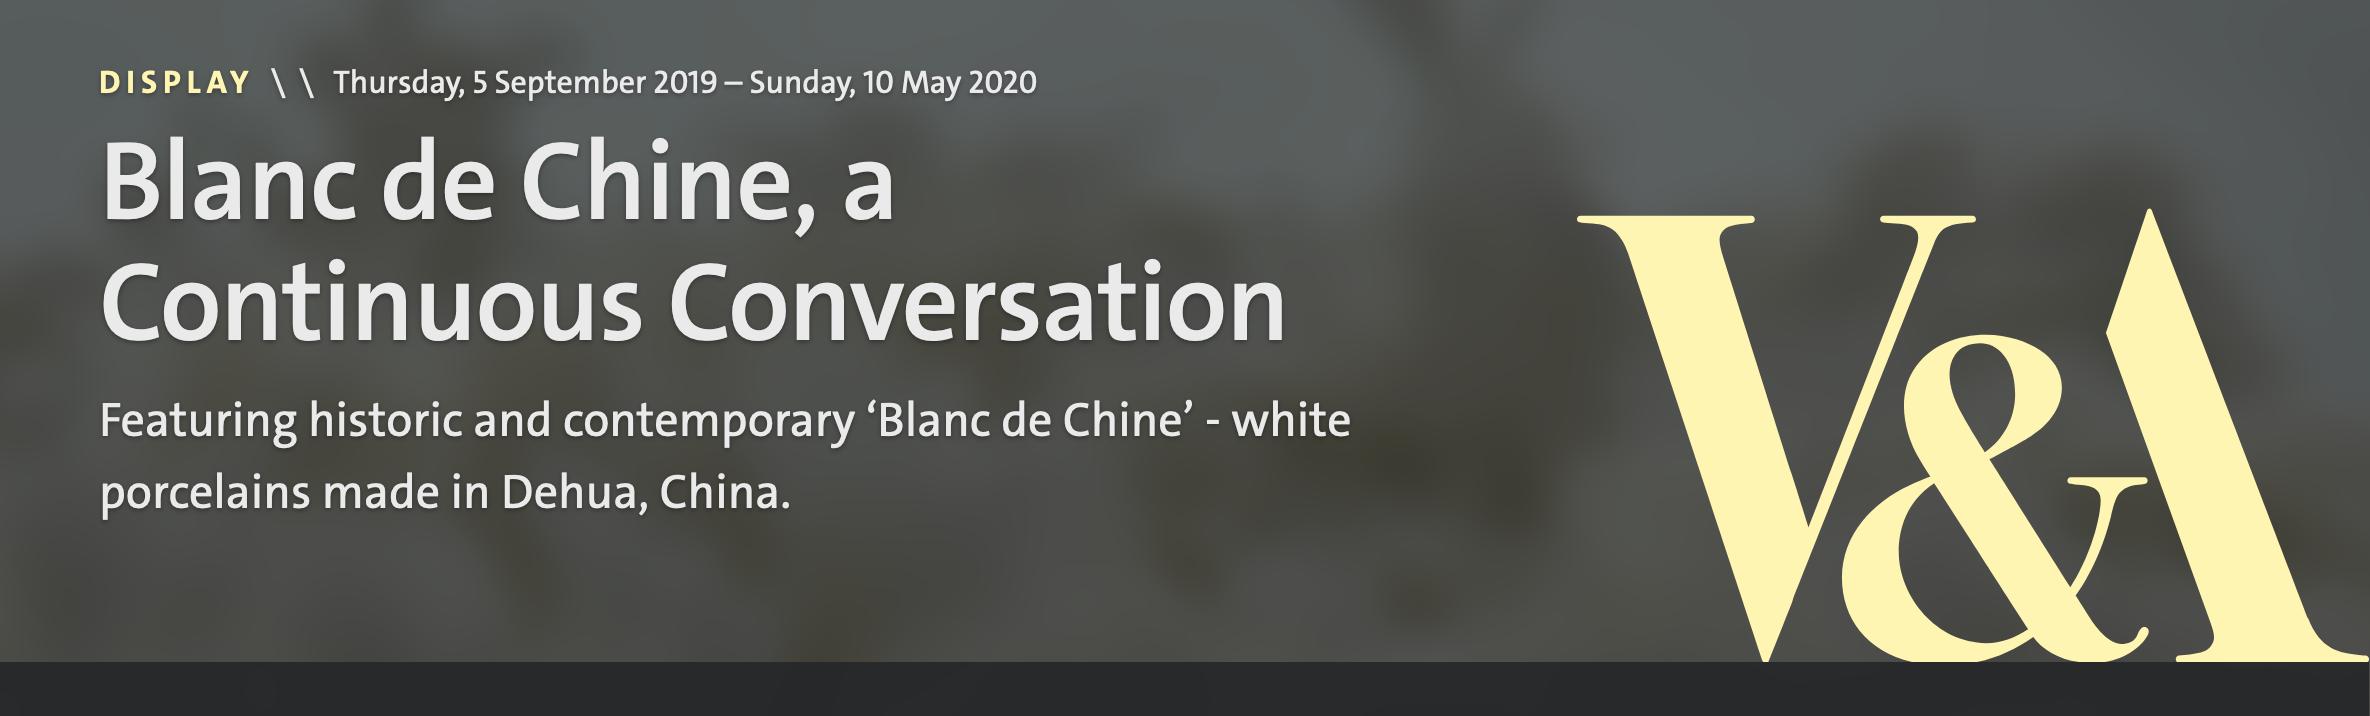 BlancdeChineatVAM.png